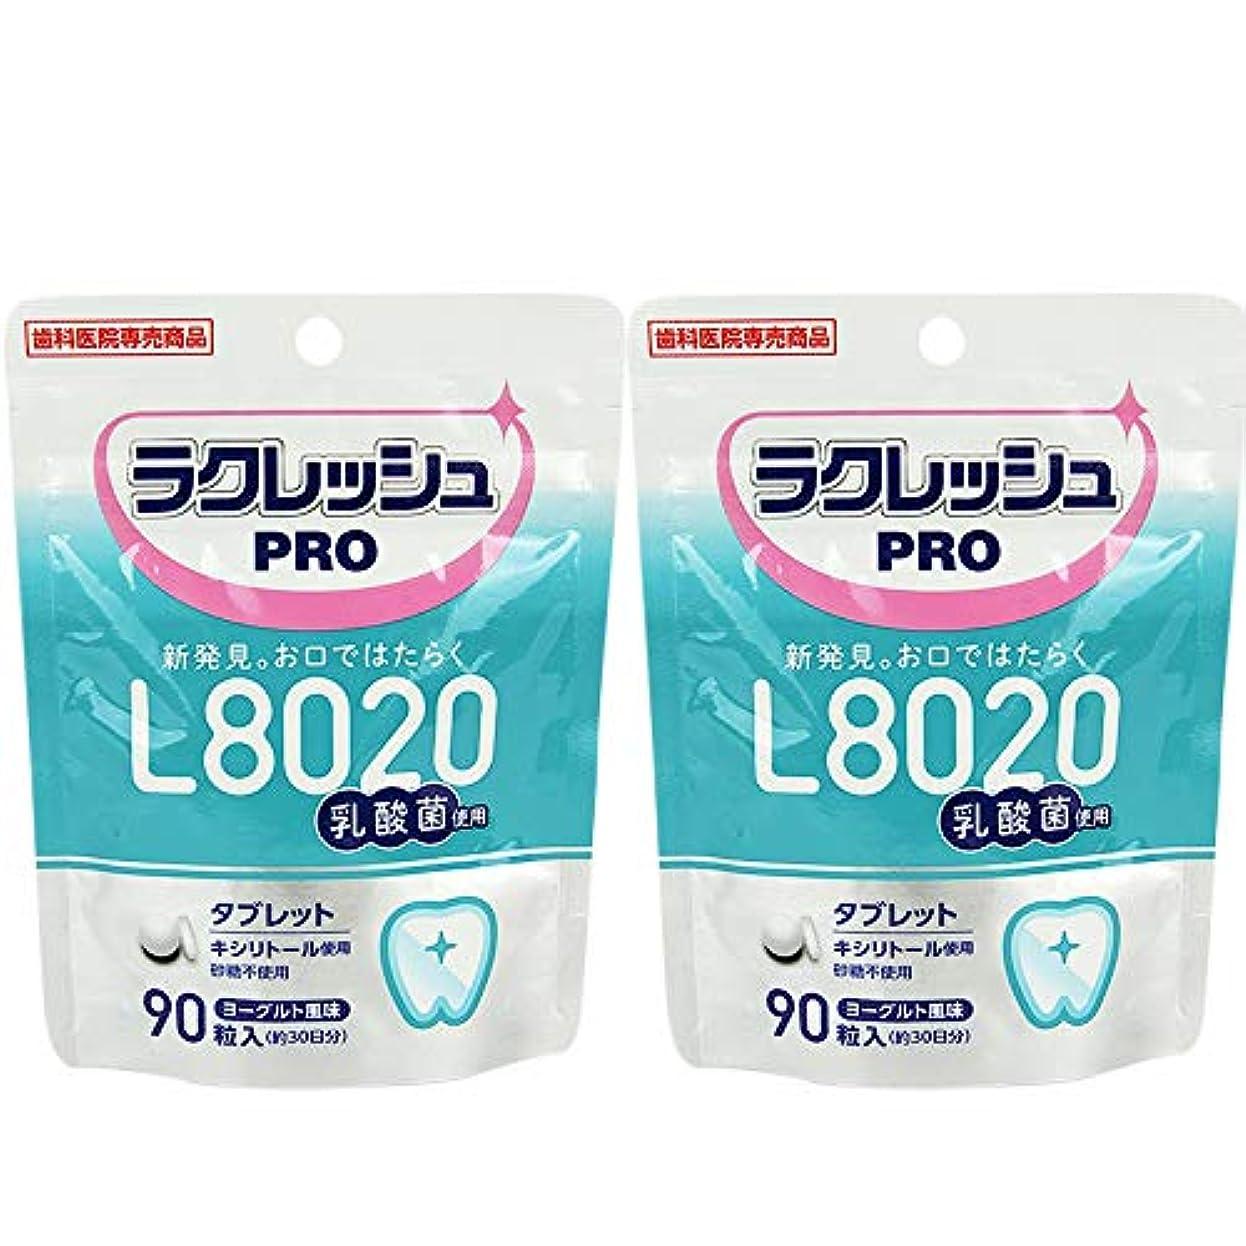 サージタイムリーなはさみL8020 乳酸菌 ラクレッシュ PRO タブレット 90粒 × 2個 歯科専売品